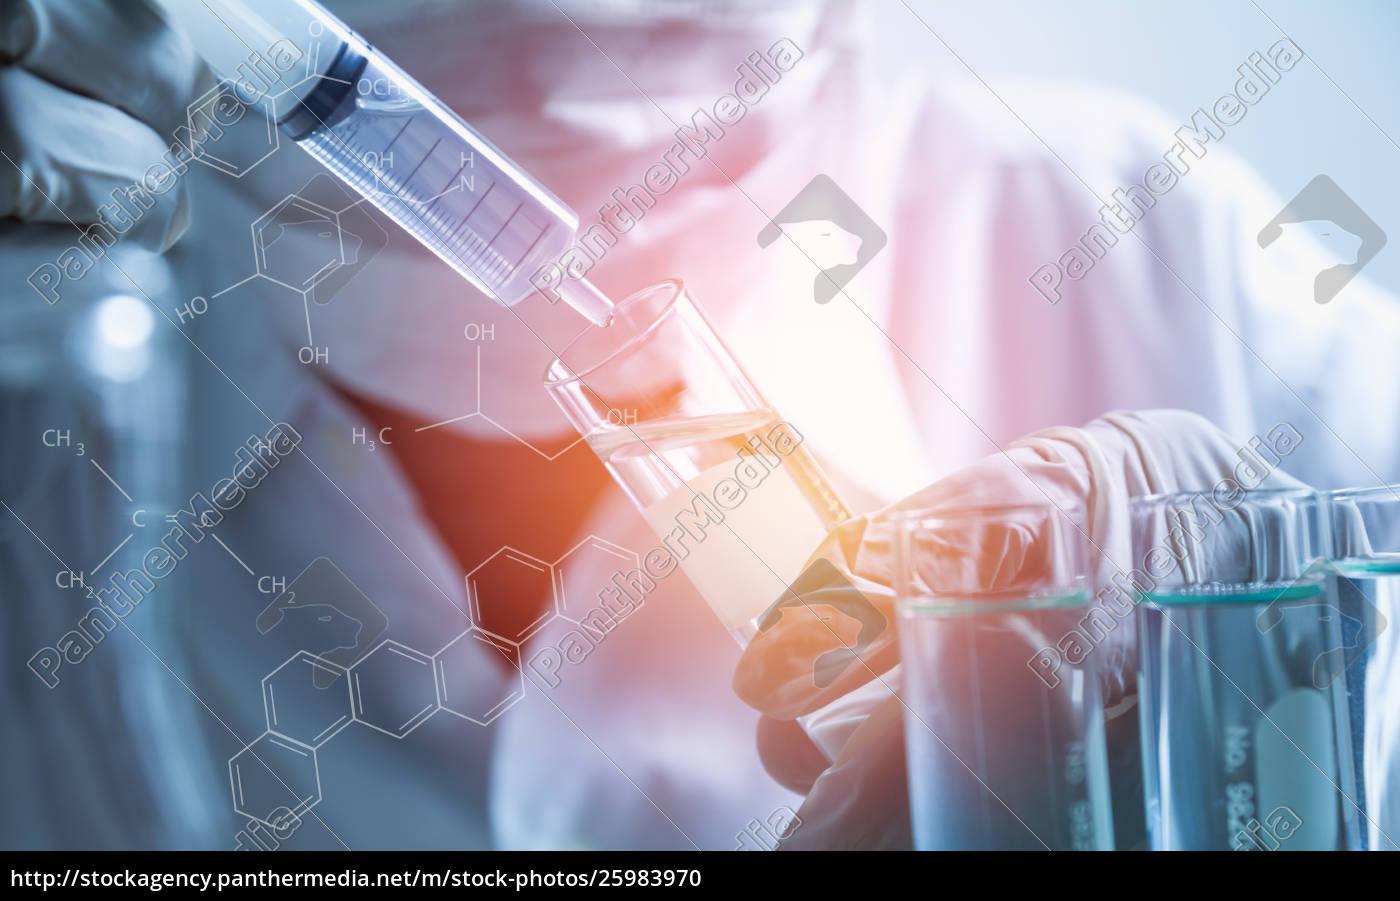 forscher, mit, chemischen, reagenzgläsern, im, glaslabor - 25983970